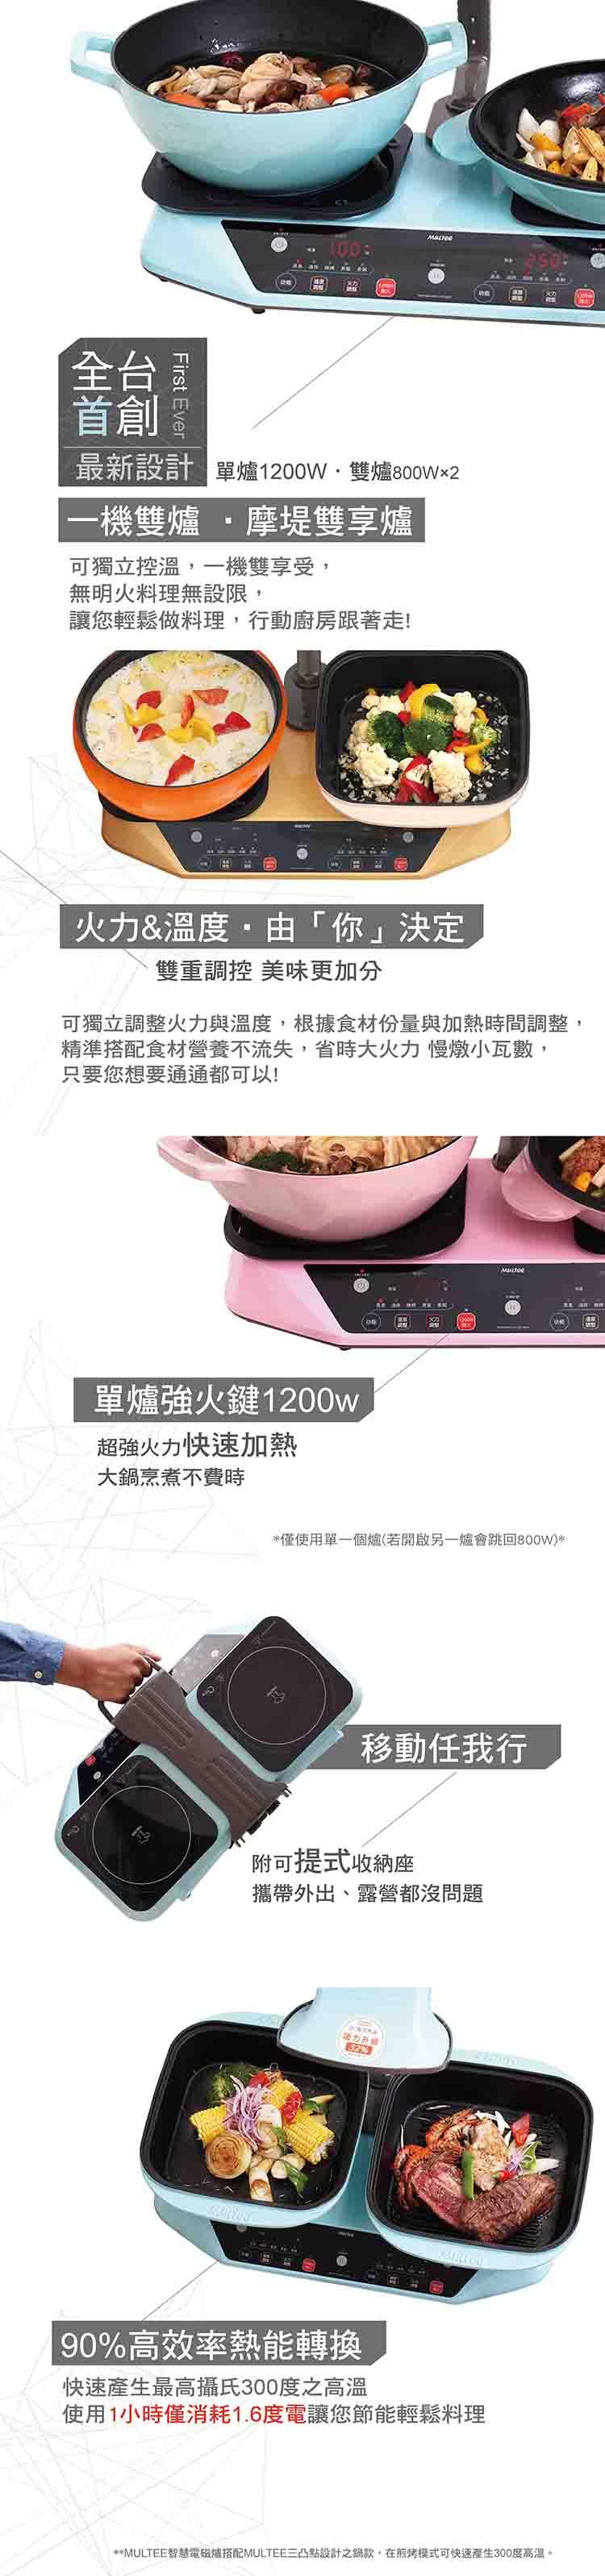 750-雙享爐網頁版-產品介紹+部落客 (2).jpg